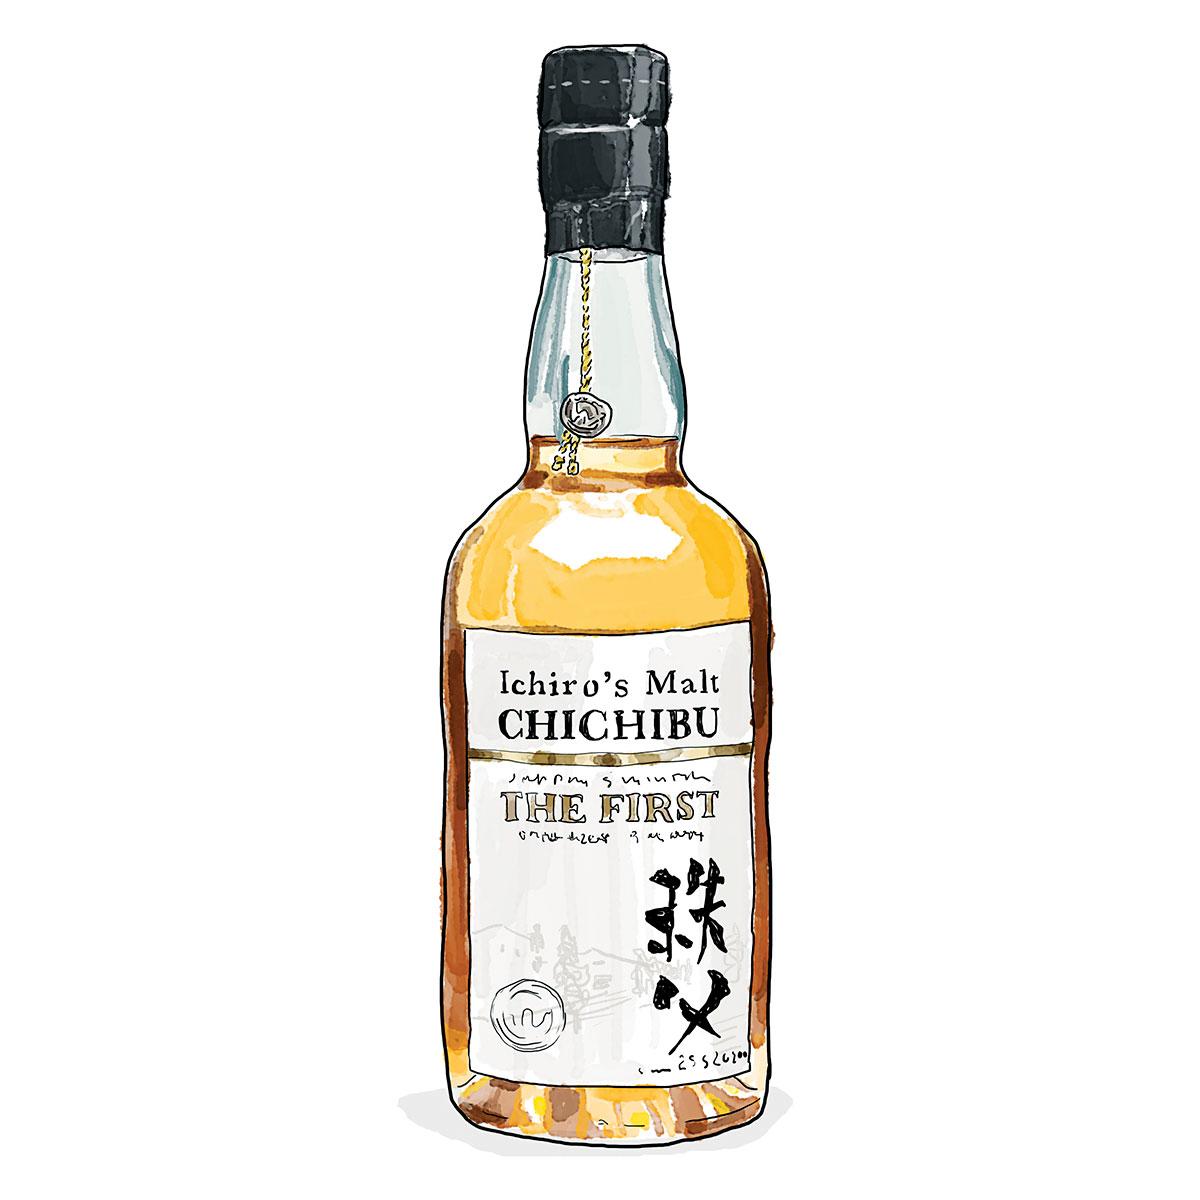 Ichiro's Malt: the First (chichibu)